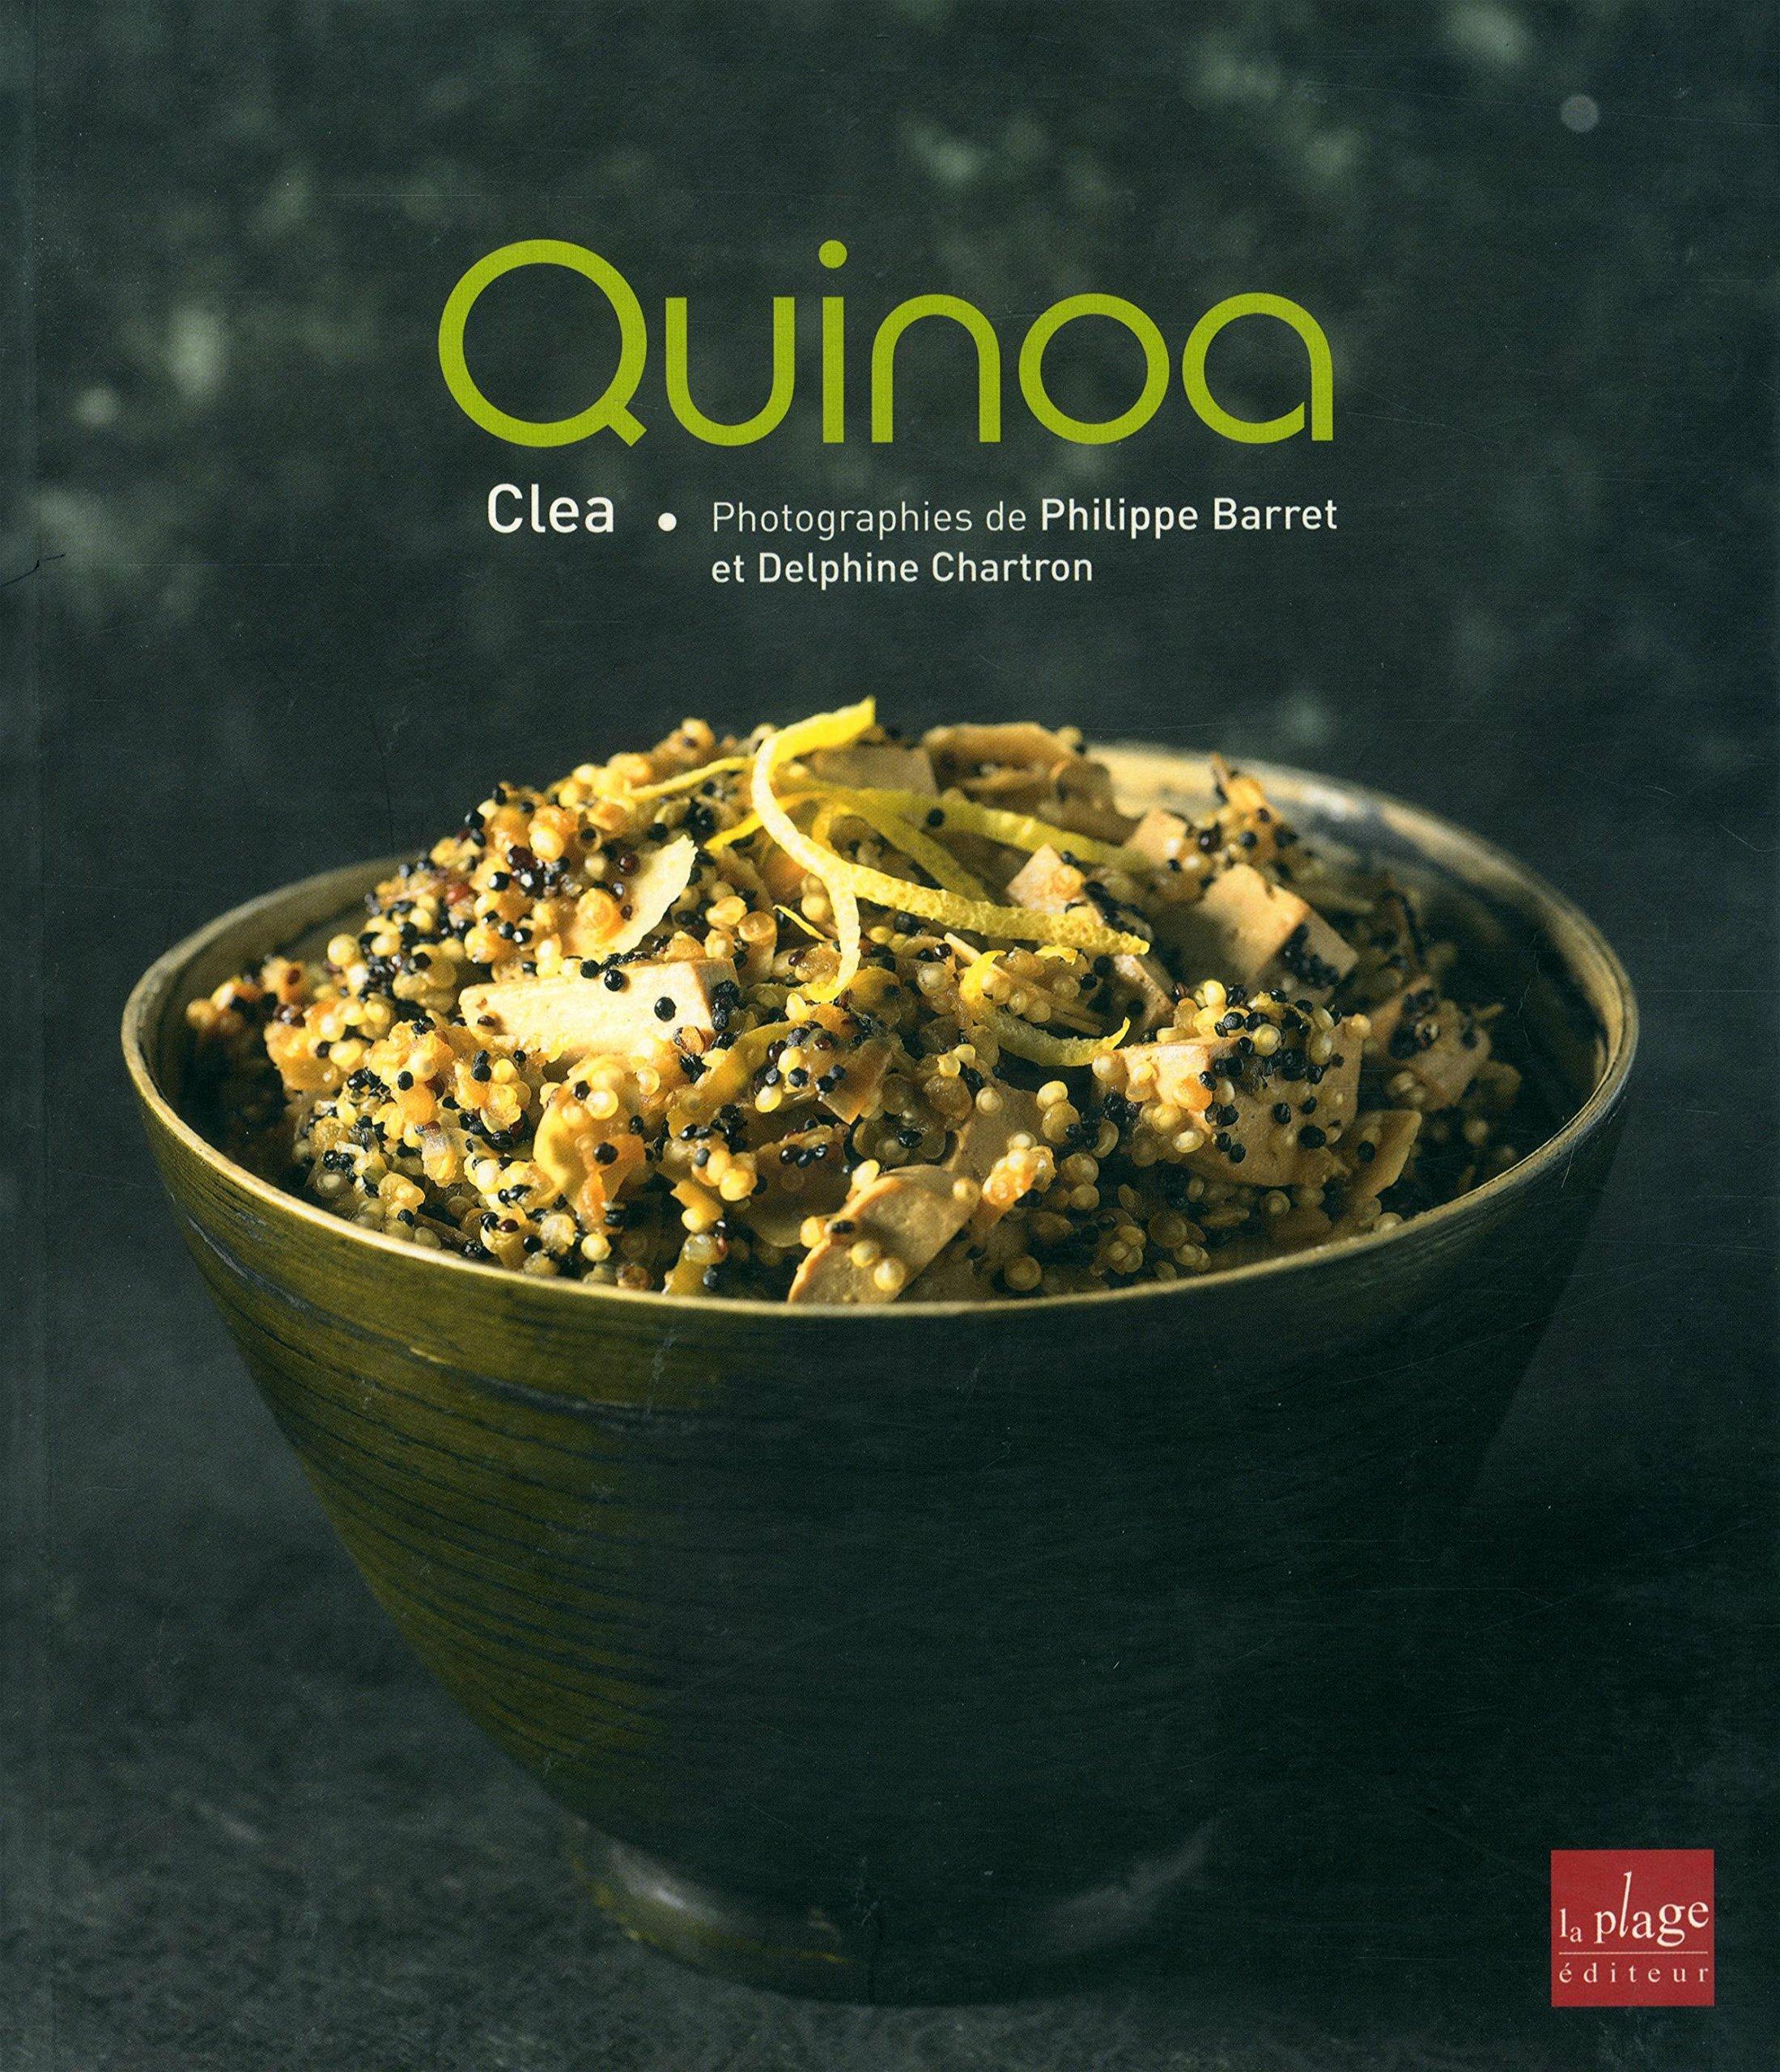 Quinoa de Clea